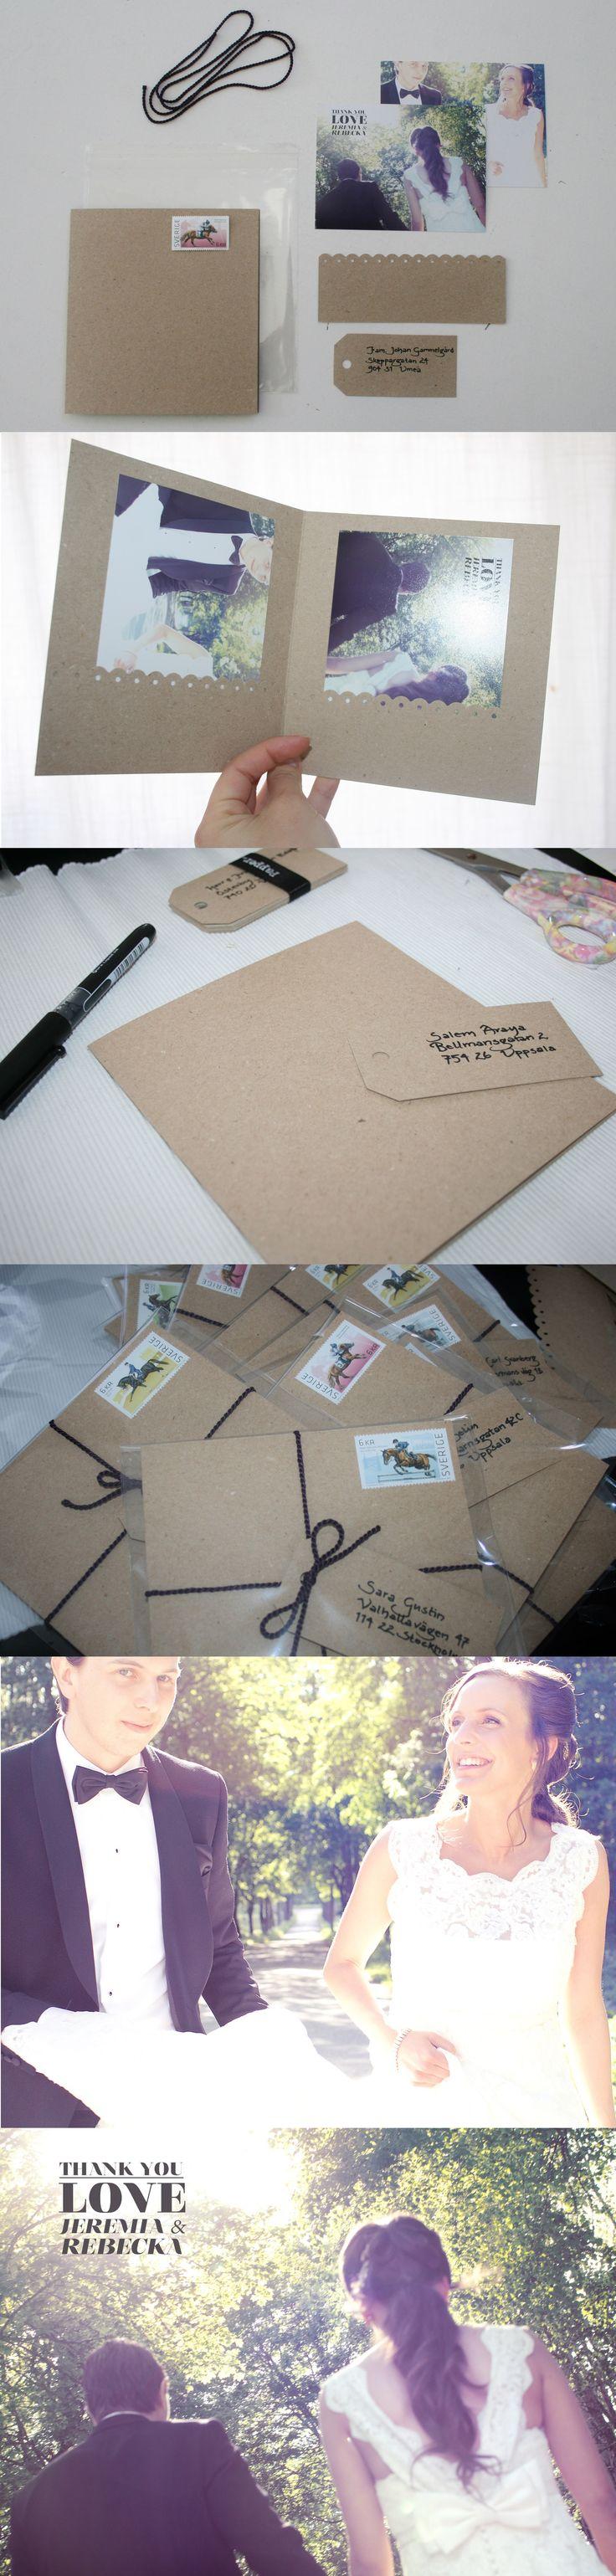 DIY wedding thank you card